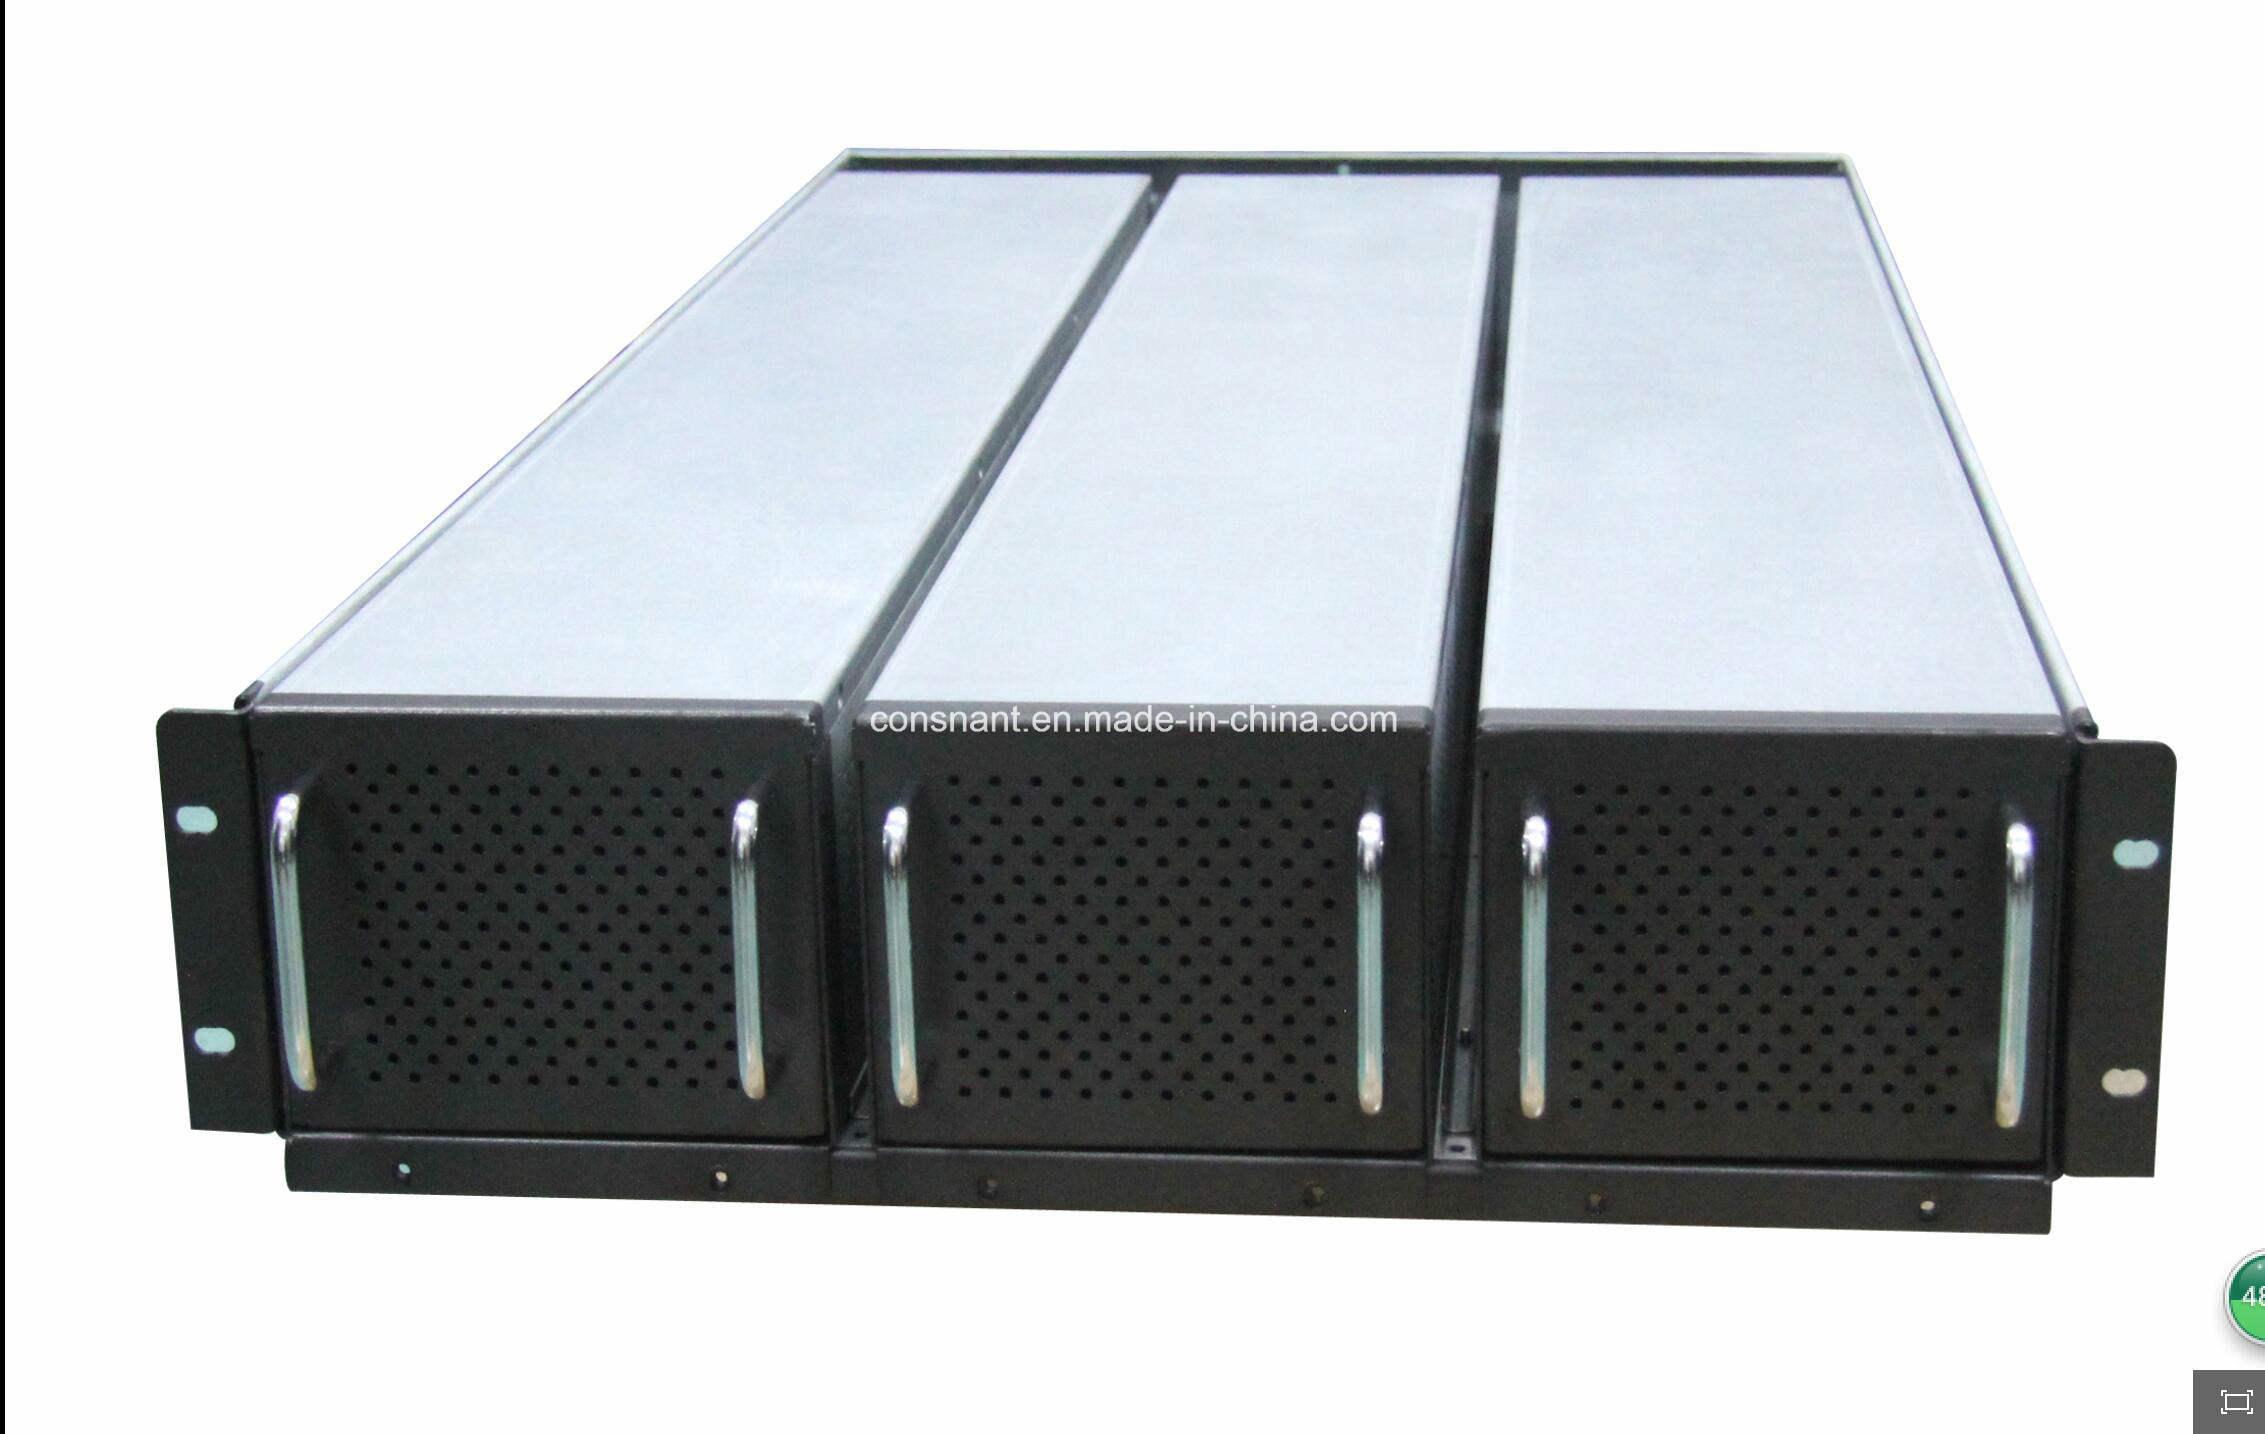 Modular Online UPS with Power Factor 0.9 20-300kVA